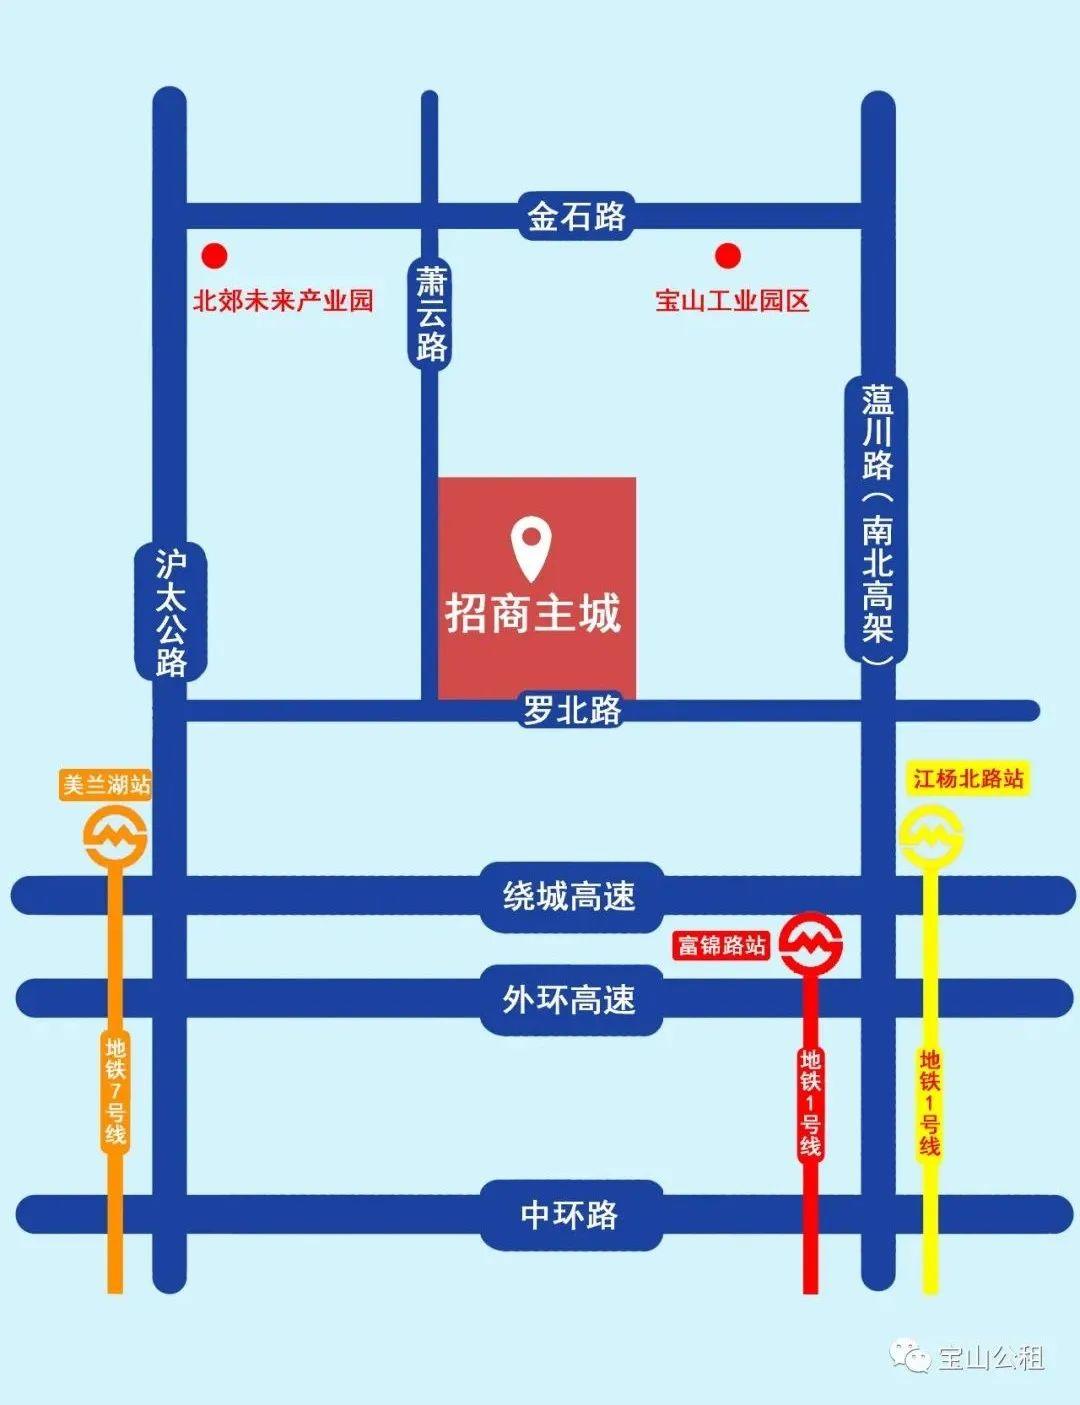 【便民】宝山推出100套区筹公租房!来看申请方式→